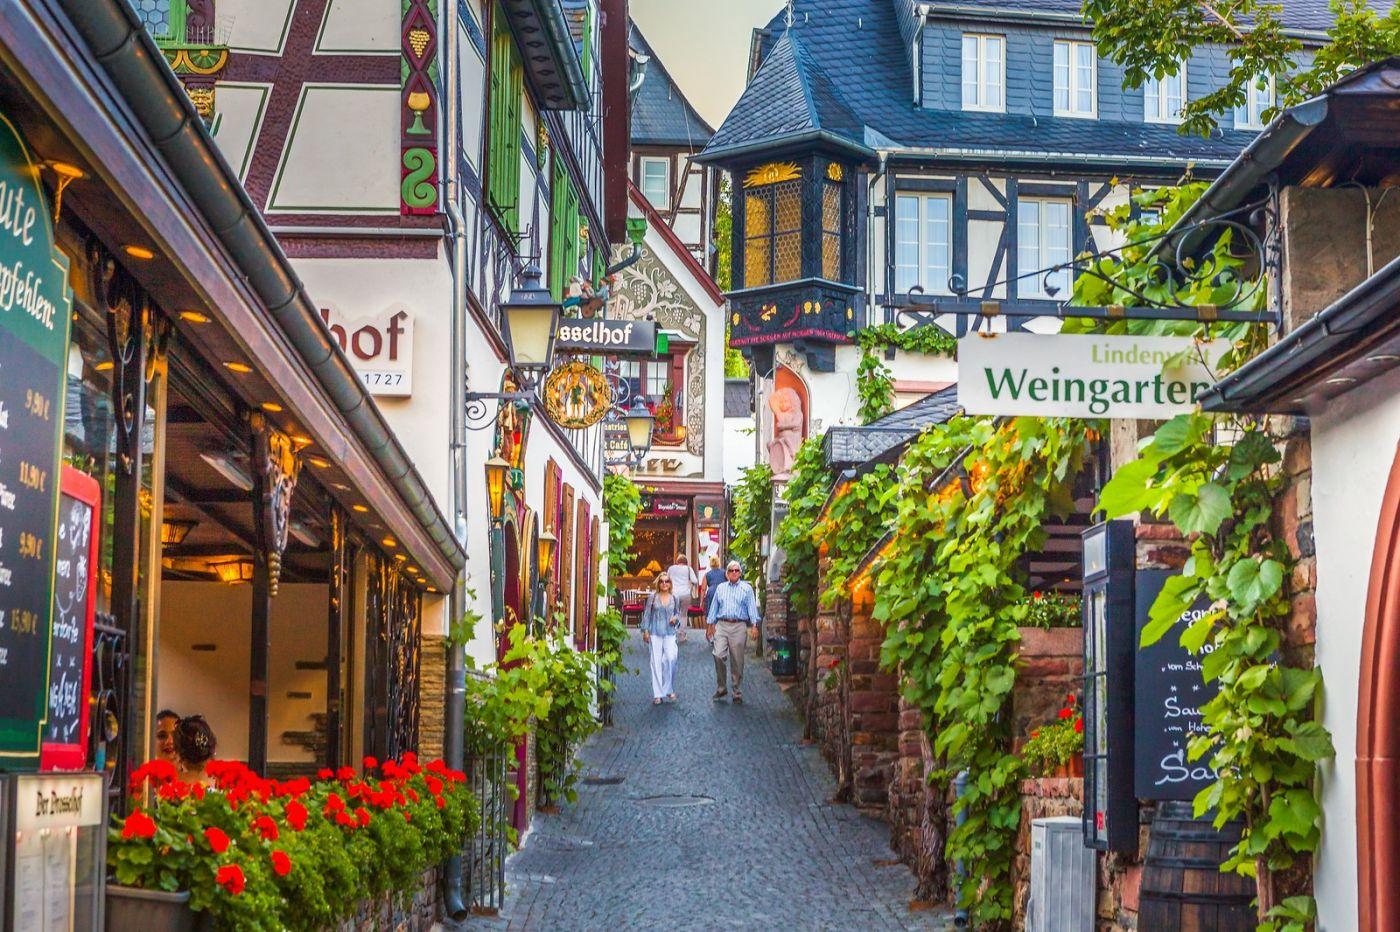 德国吕德斯海姆(Rudesheim),莱茵河畔的小镇_图1-4